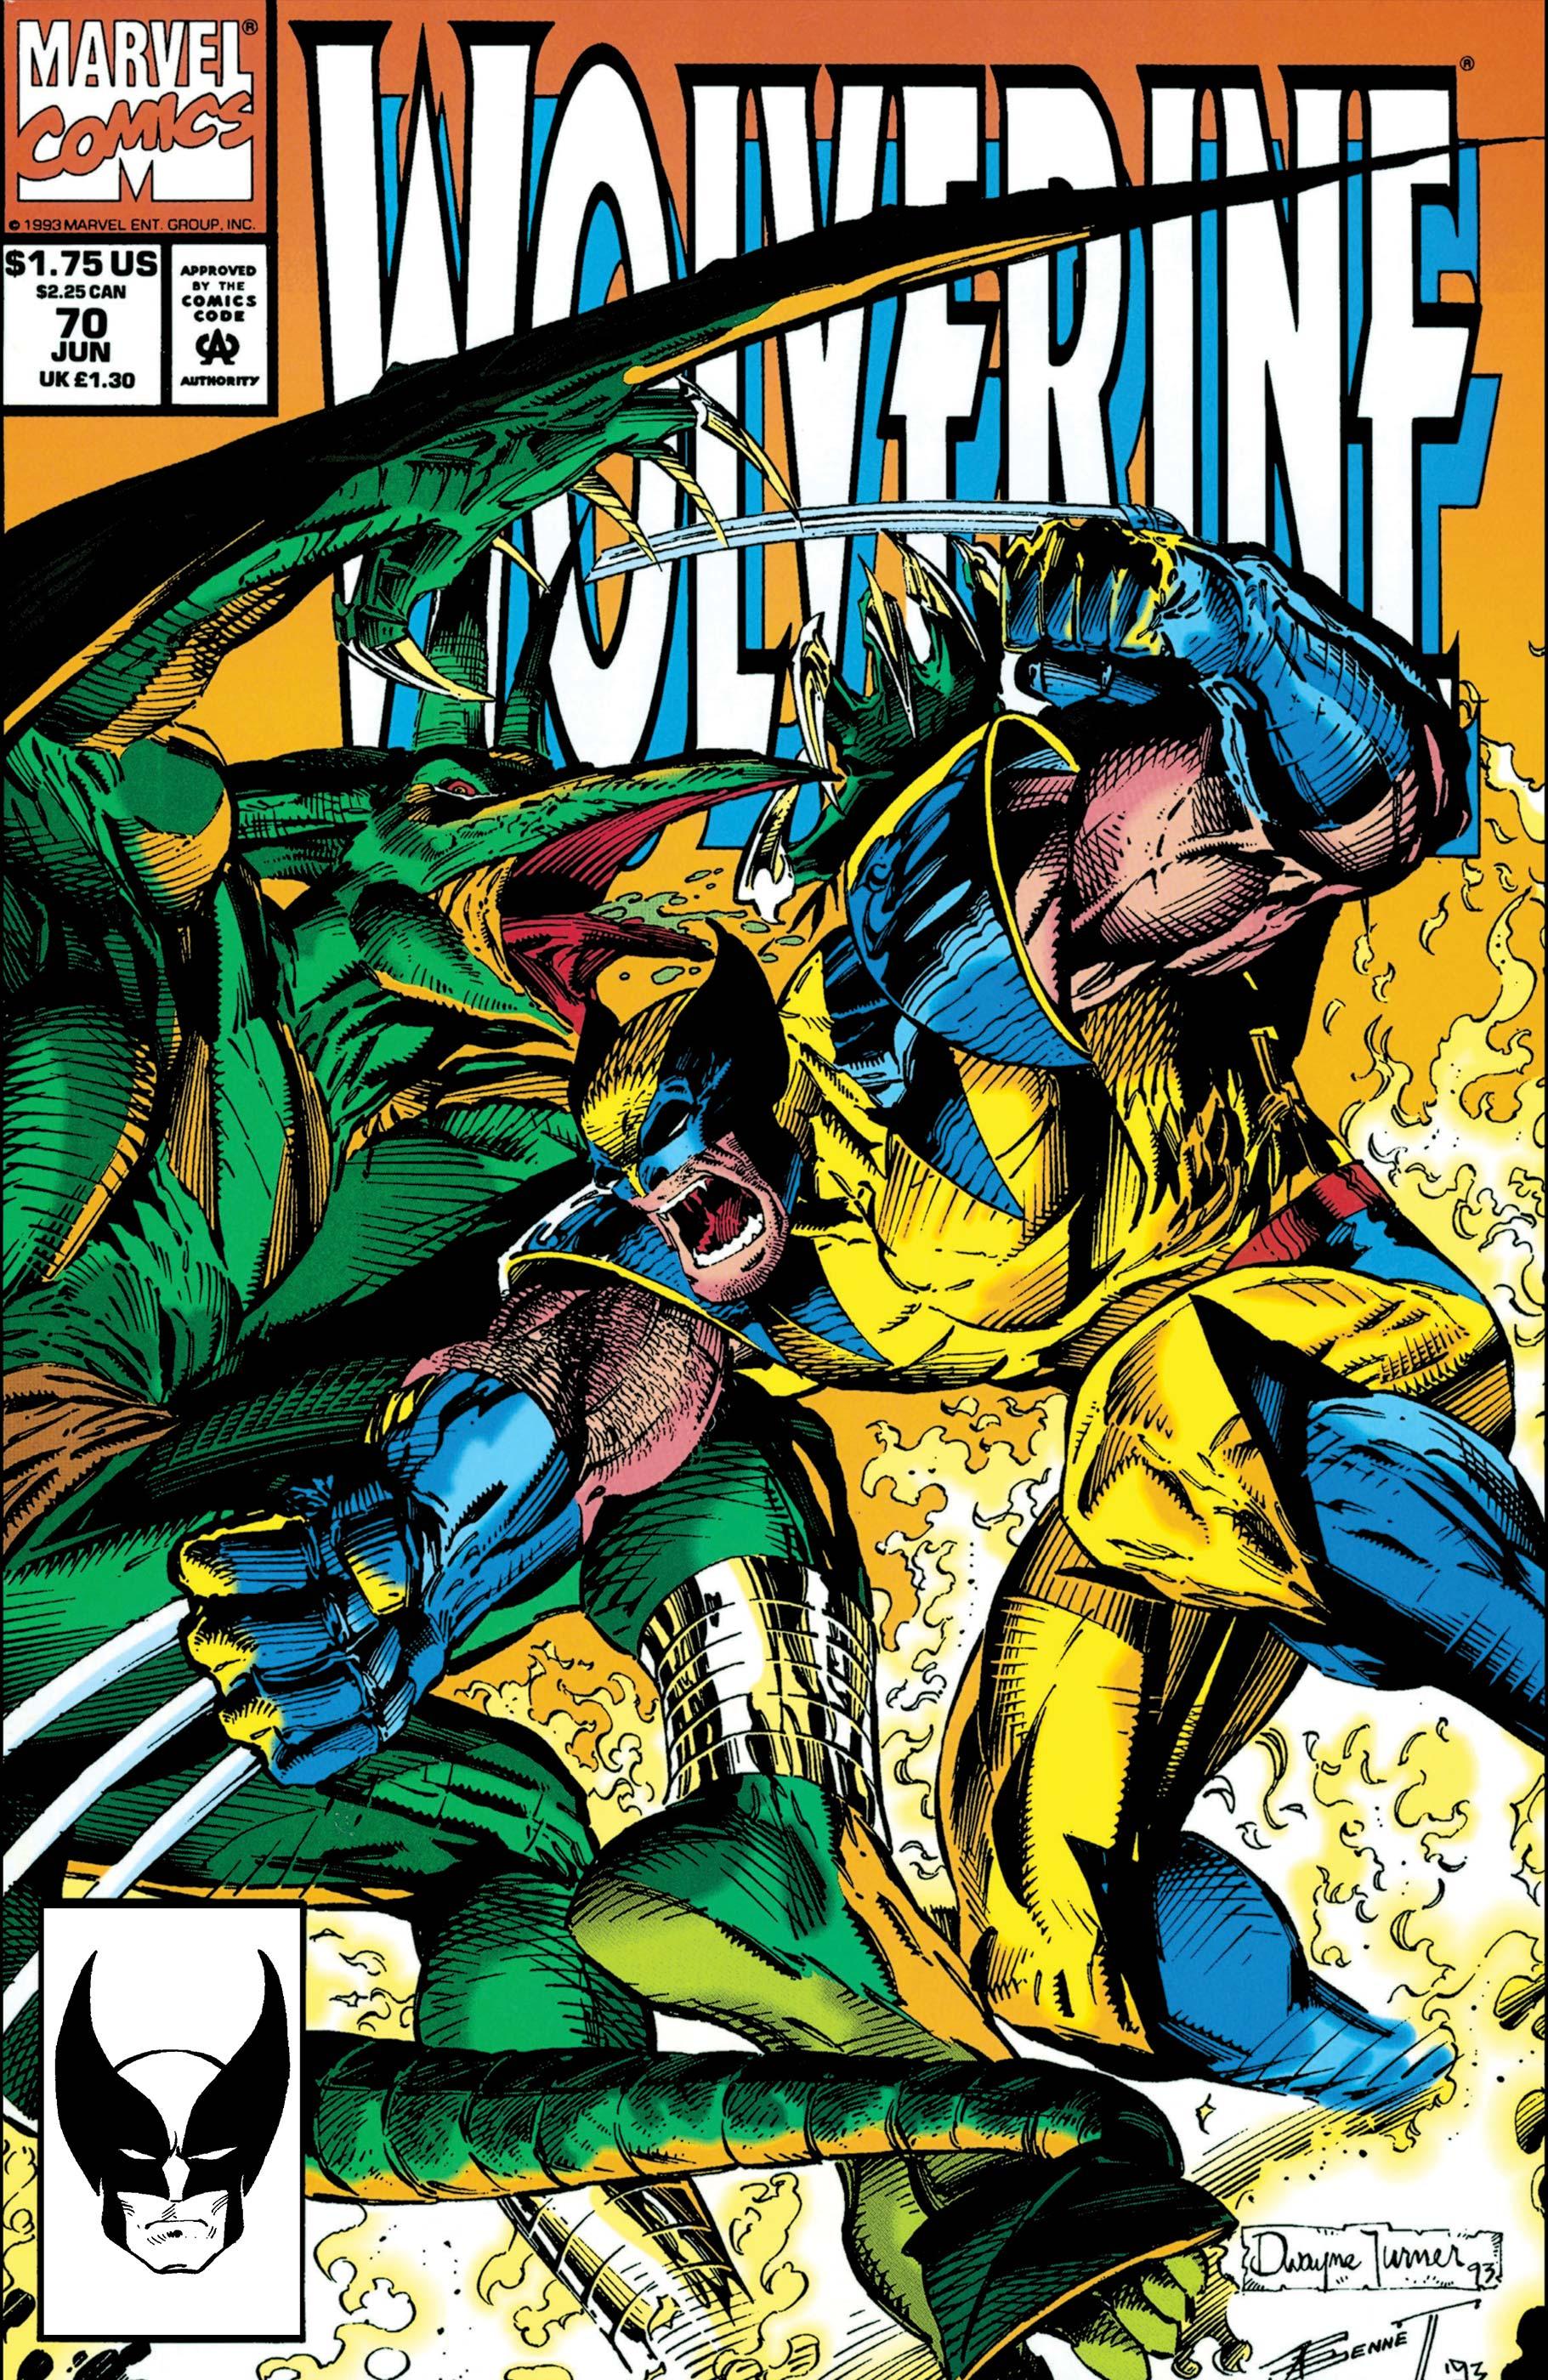 Wolverine (1988) #70